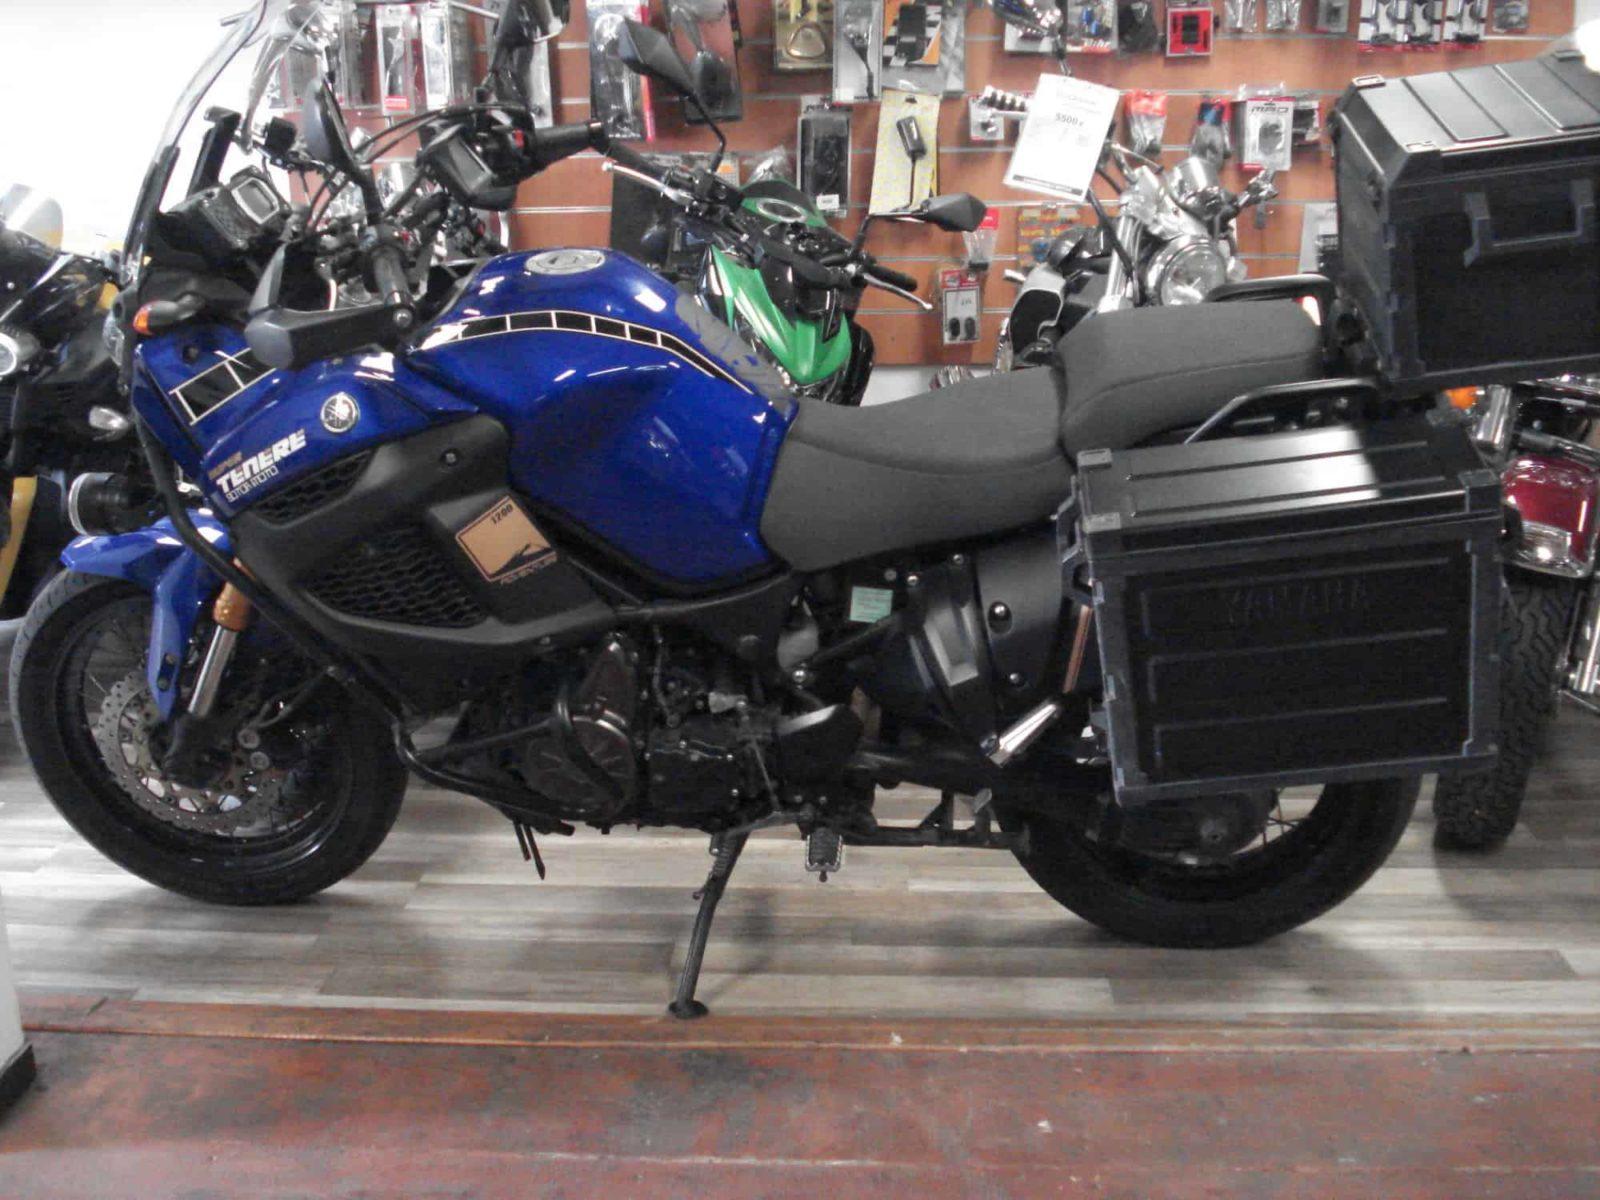 Vendu ! Yamaha XT1200Z – 7500€